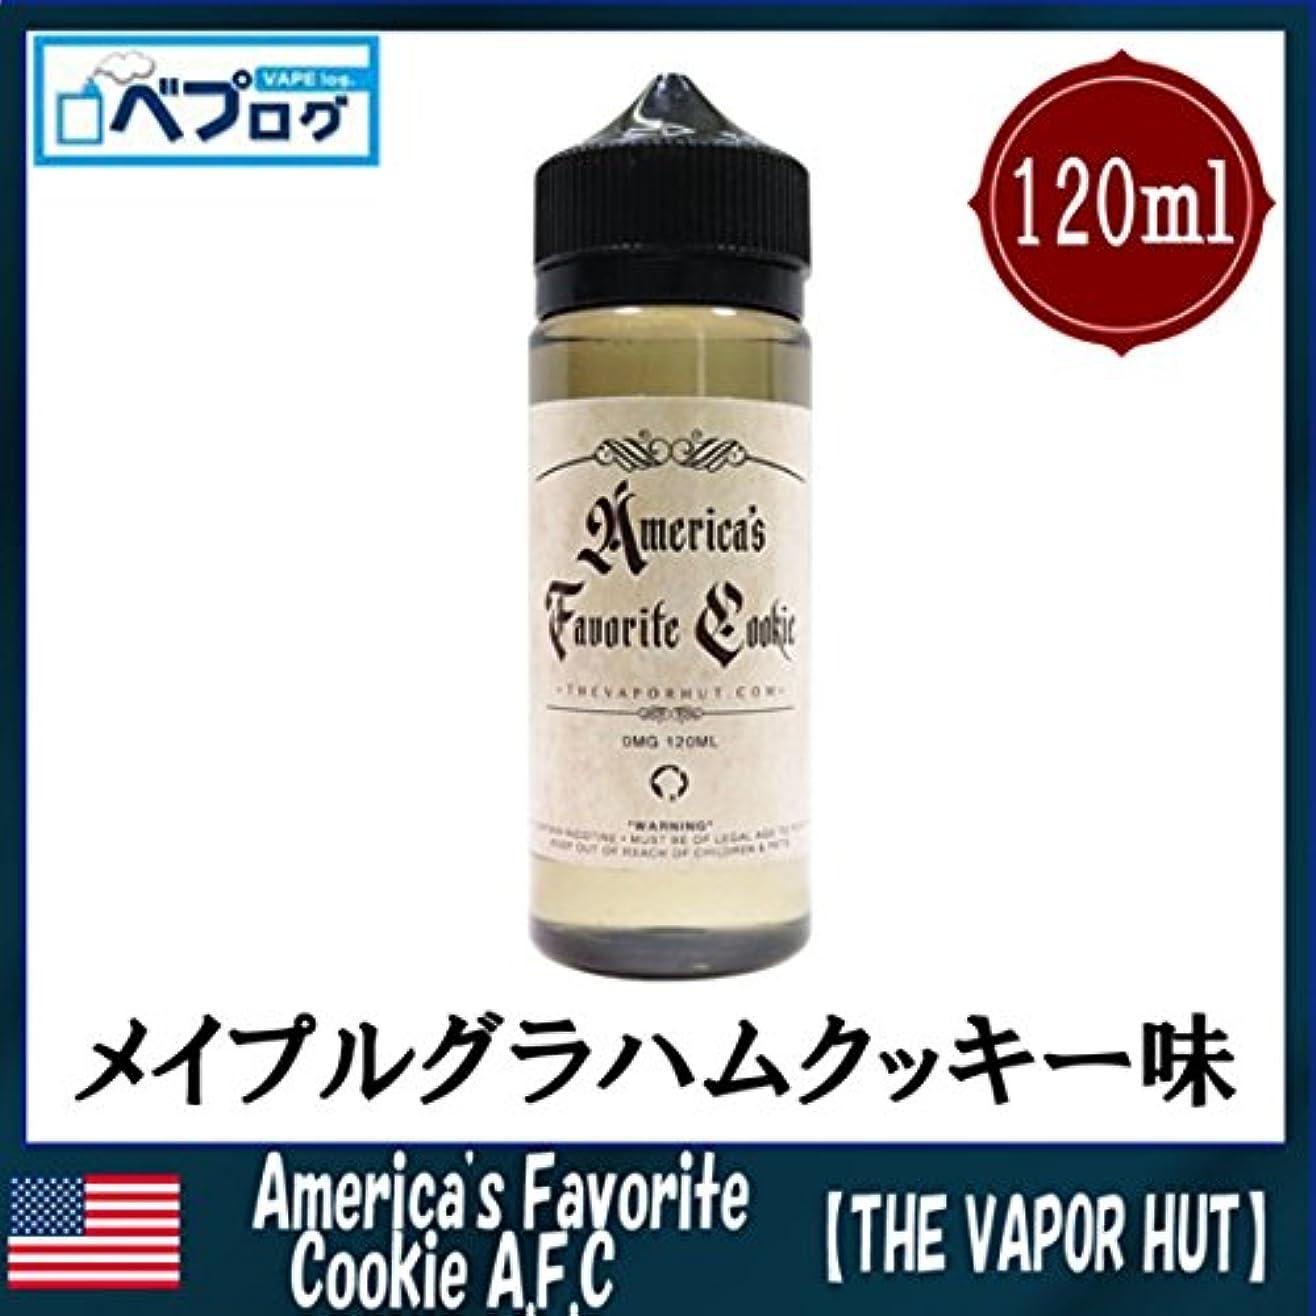 空洞軍一方、The Vapor Hut (ベイパーハット) 120ml リキッド 海外 スイーツ 電子タバコ (America's Favorite Cookie)